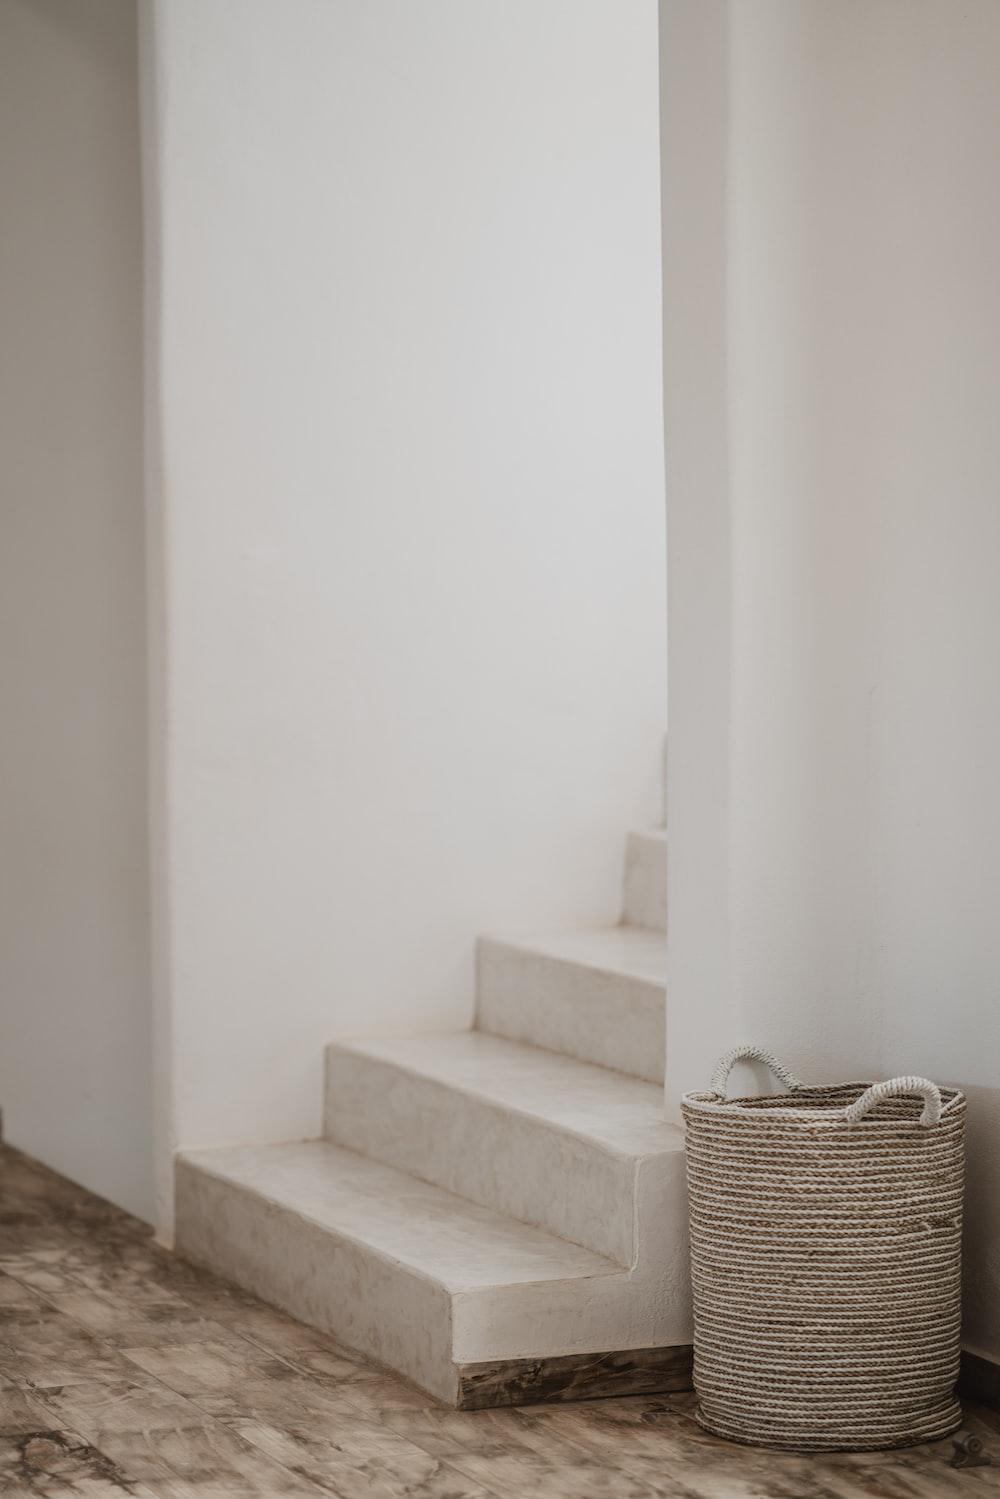 gray wicker basket beside stair